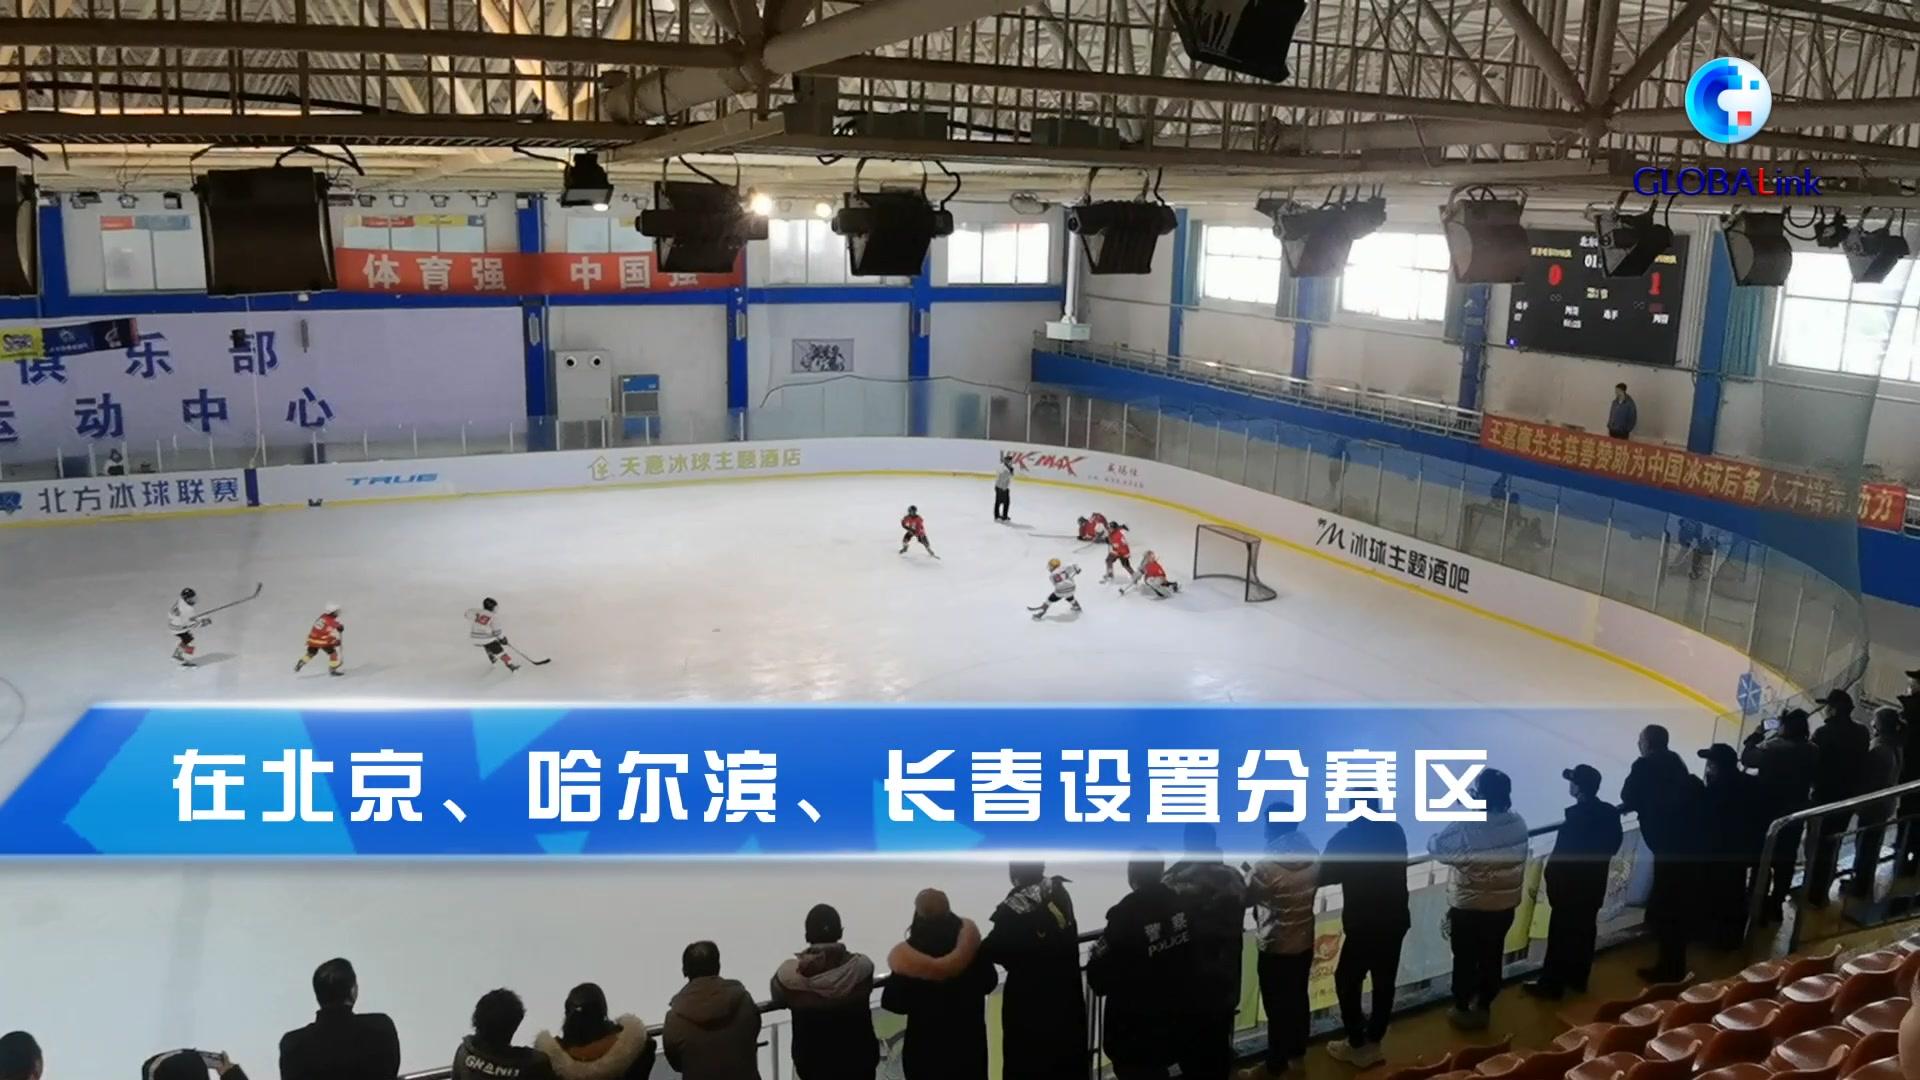 全球连线 (走近冬奥)中国北方在夏季迎冰球热潮